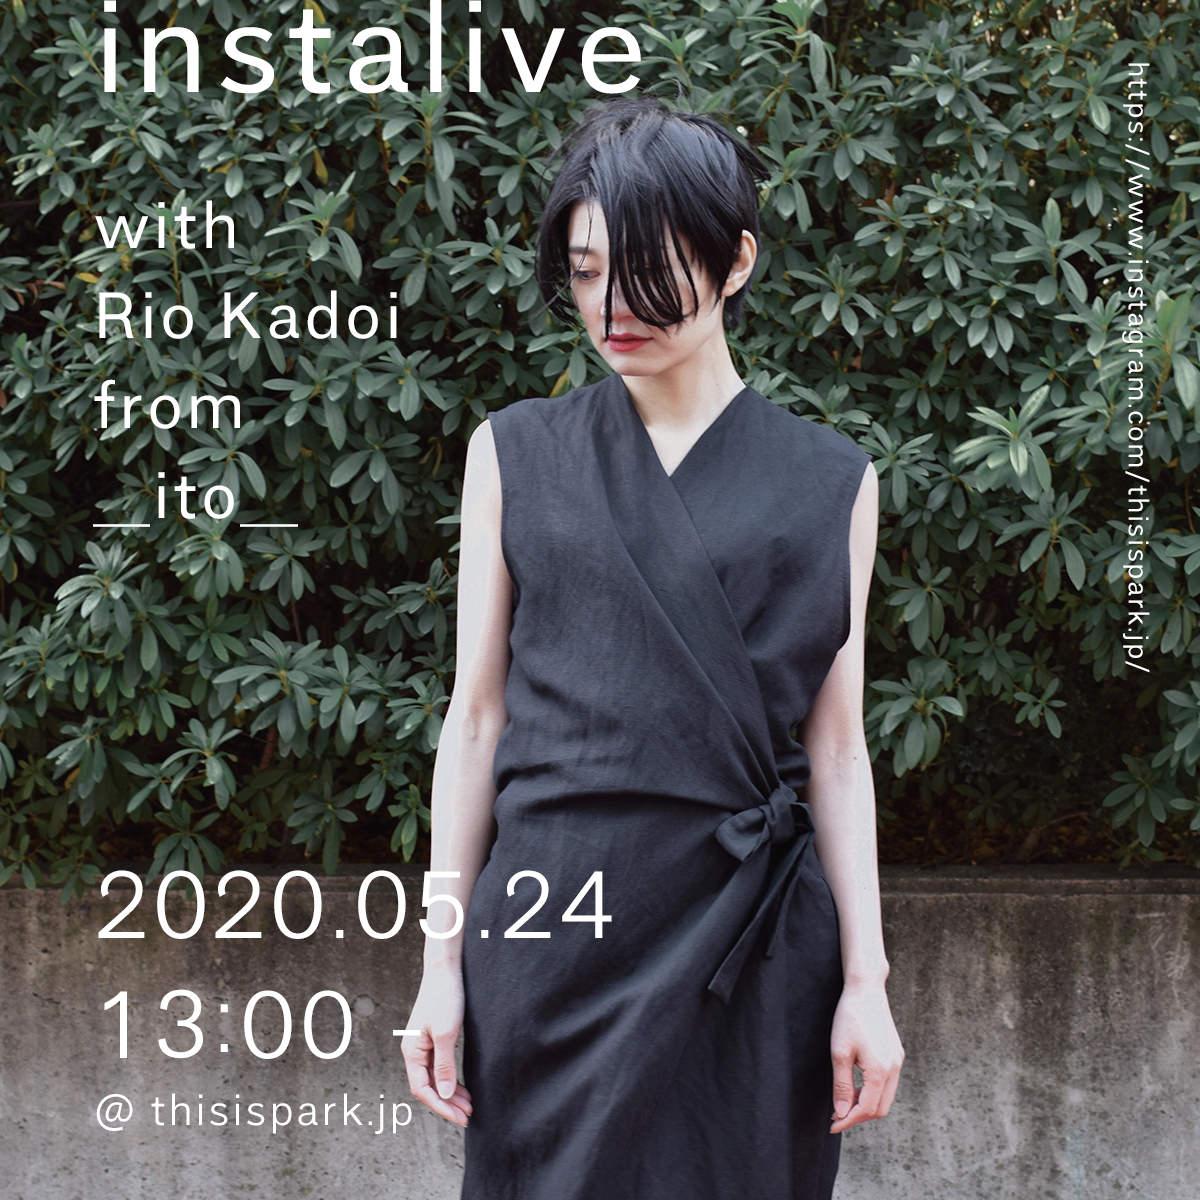 5/24(日)13:00 – __ito__の門井里緒さんとインスタライブ配信をいたします。